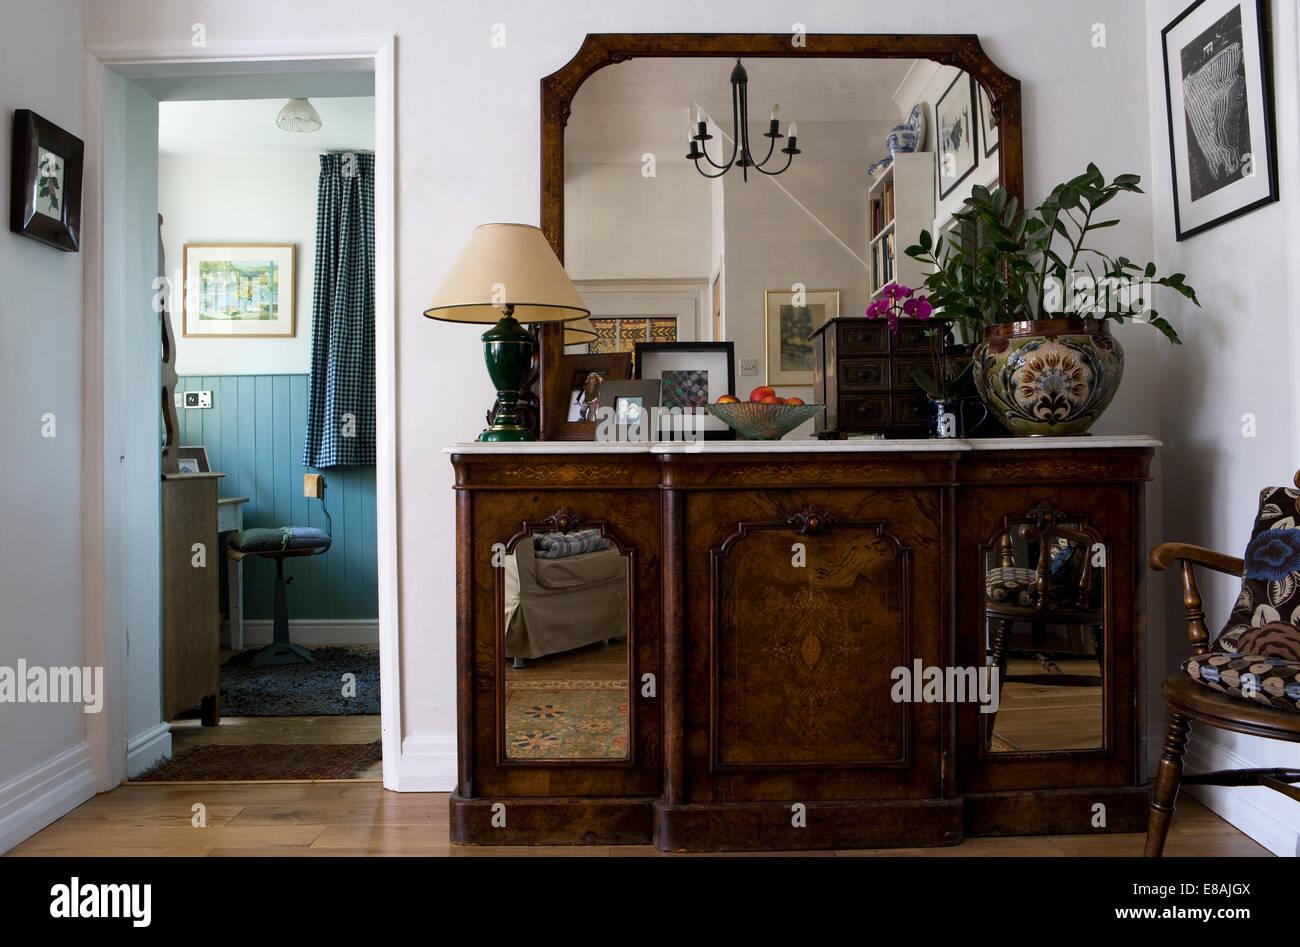 Credenza Antica Con Marmo : Grande specchio al di sopra marmo antica credenza con porte a